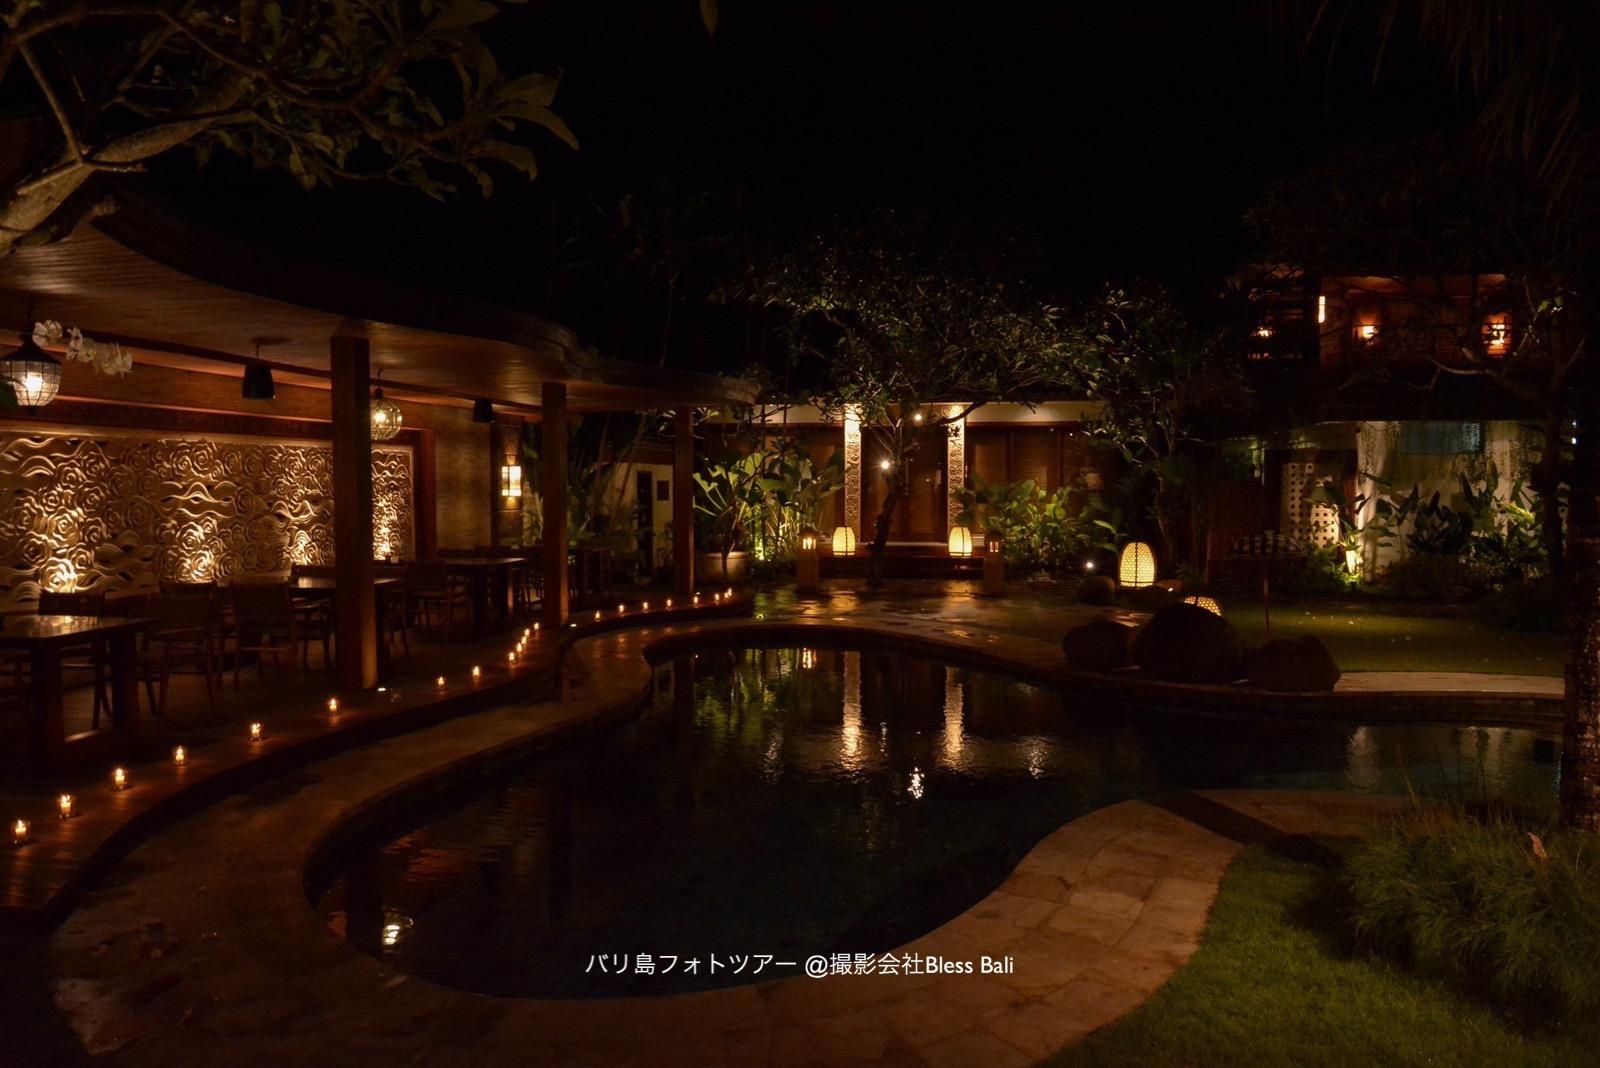 ロマンチックな雰囲気のnoosaレストラン